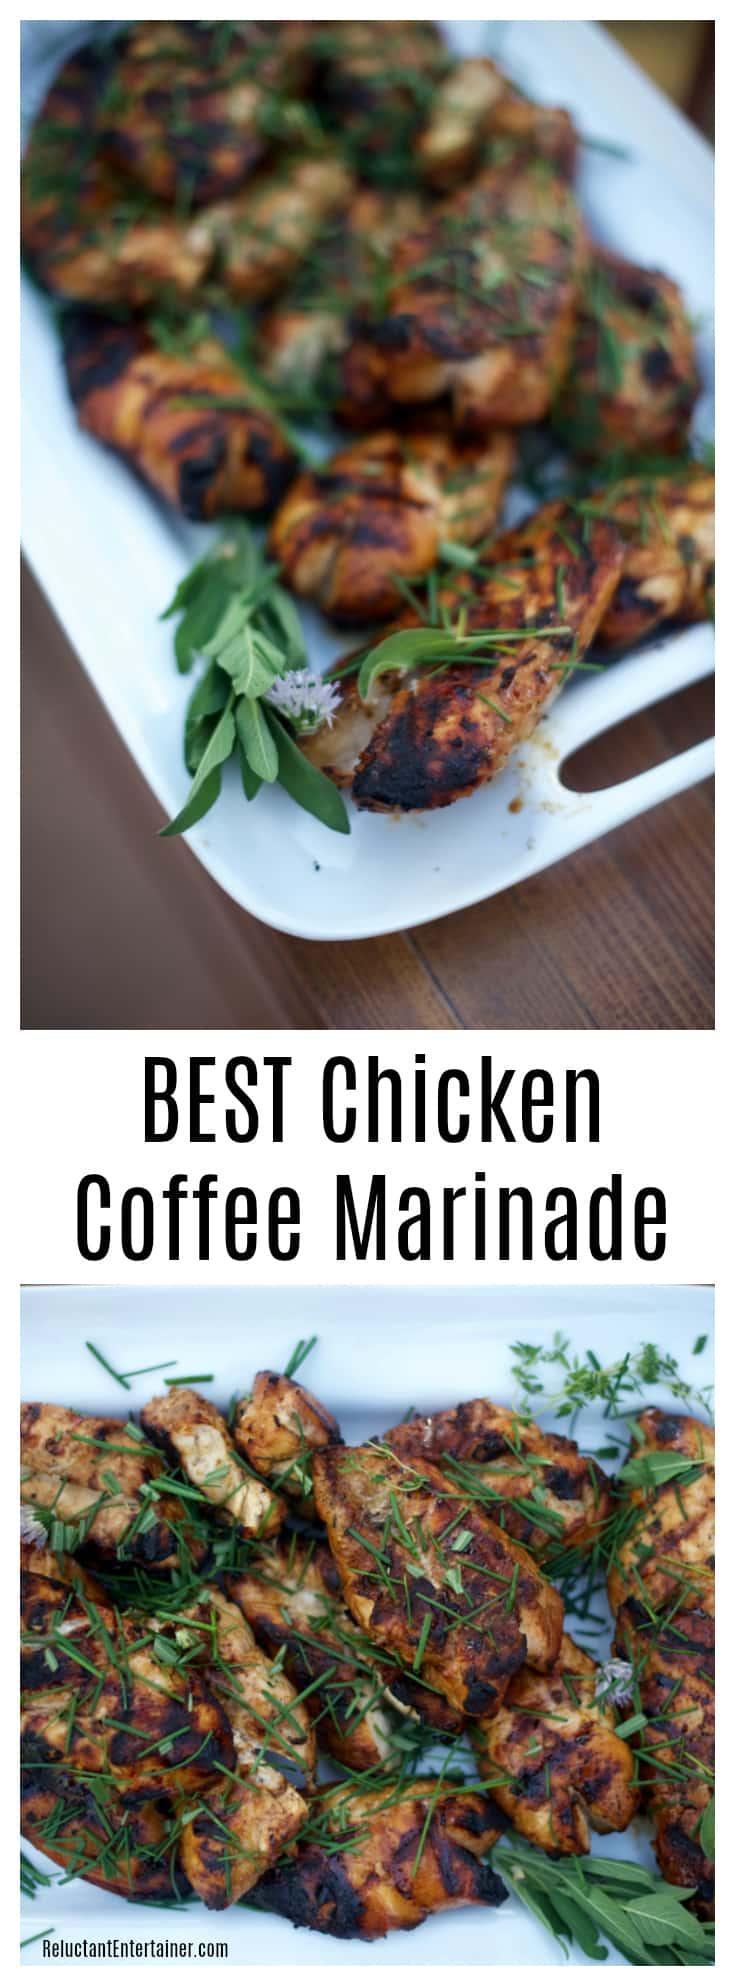 BEST Chicken Coffee Marinade Recipe